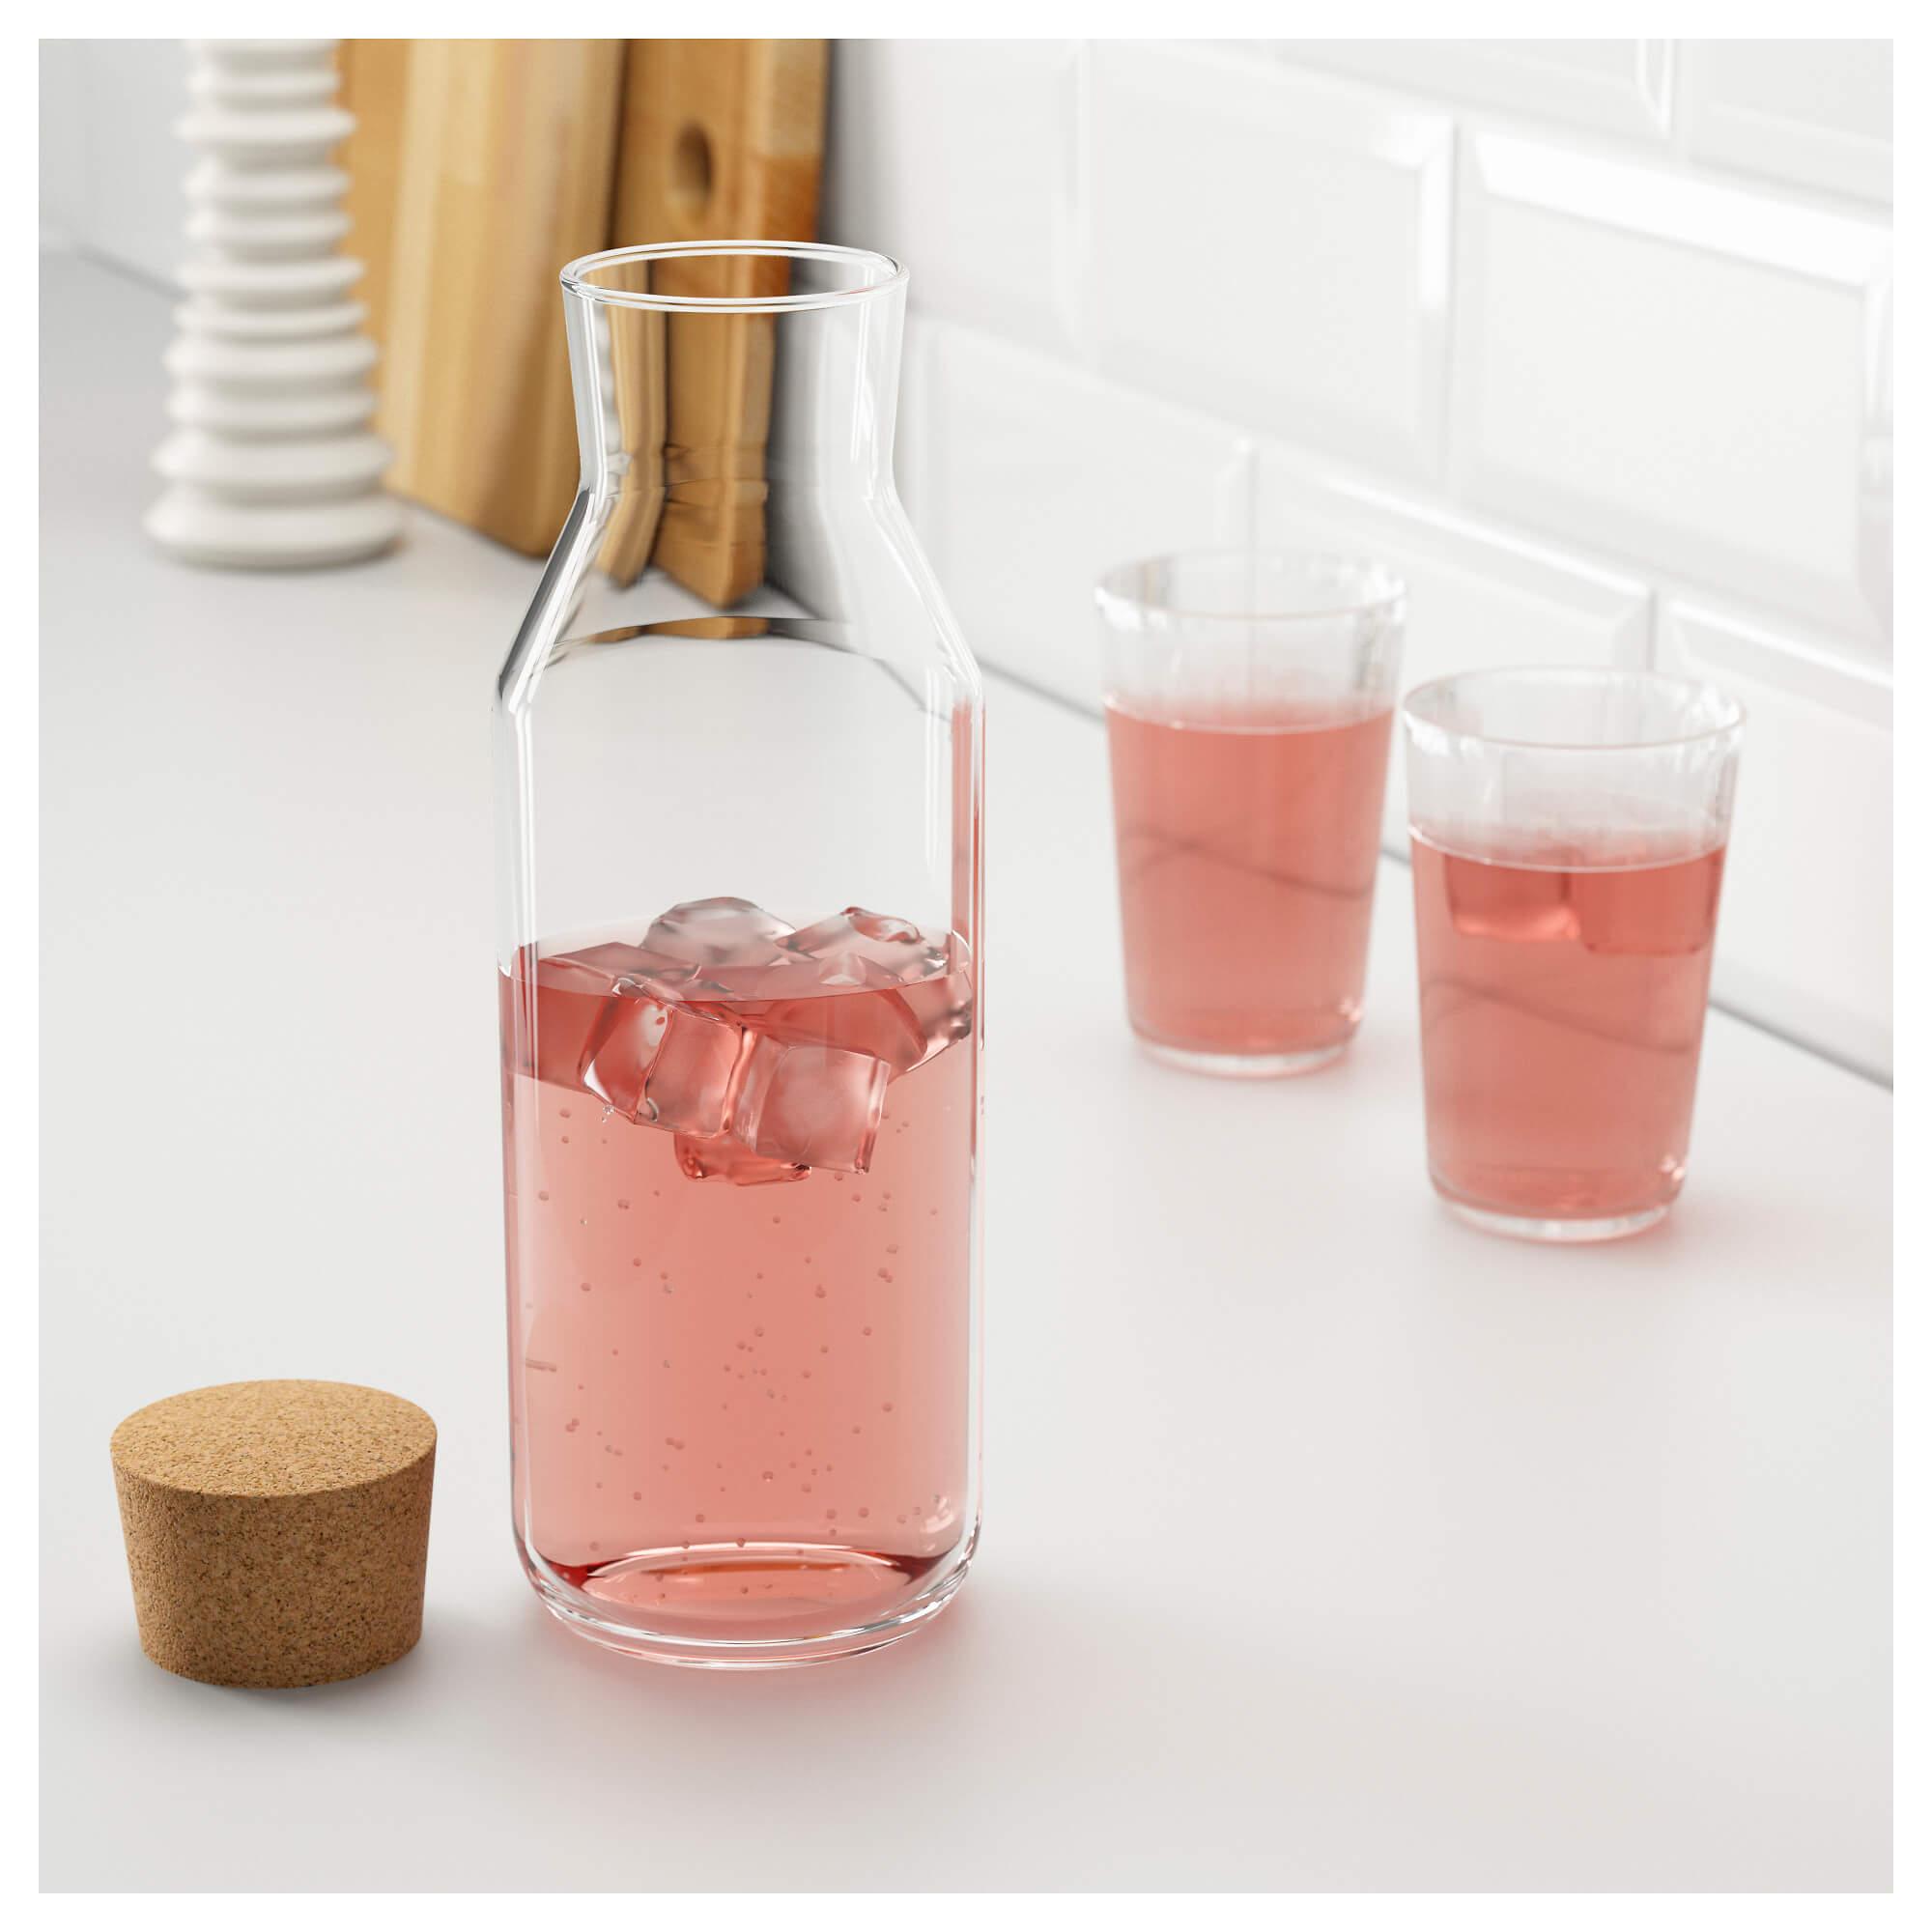 بطری شیشه ای استوانه ای طرح ایکیا درب چوب پنبه ای